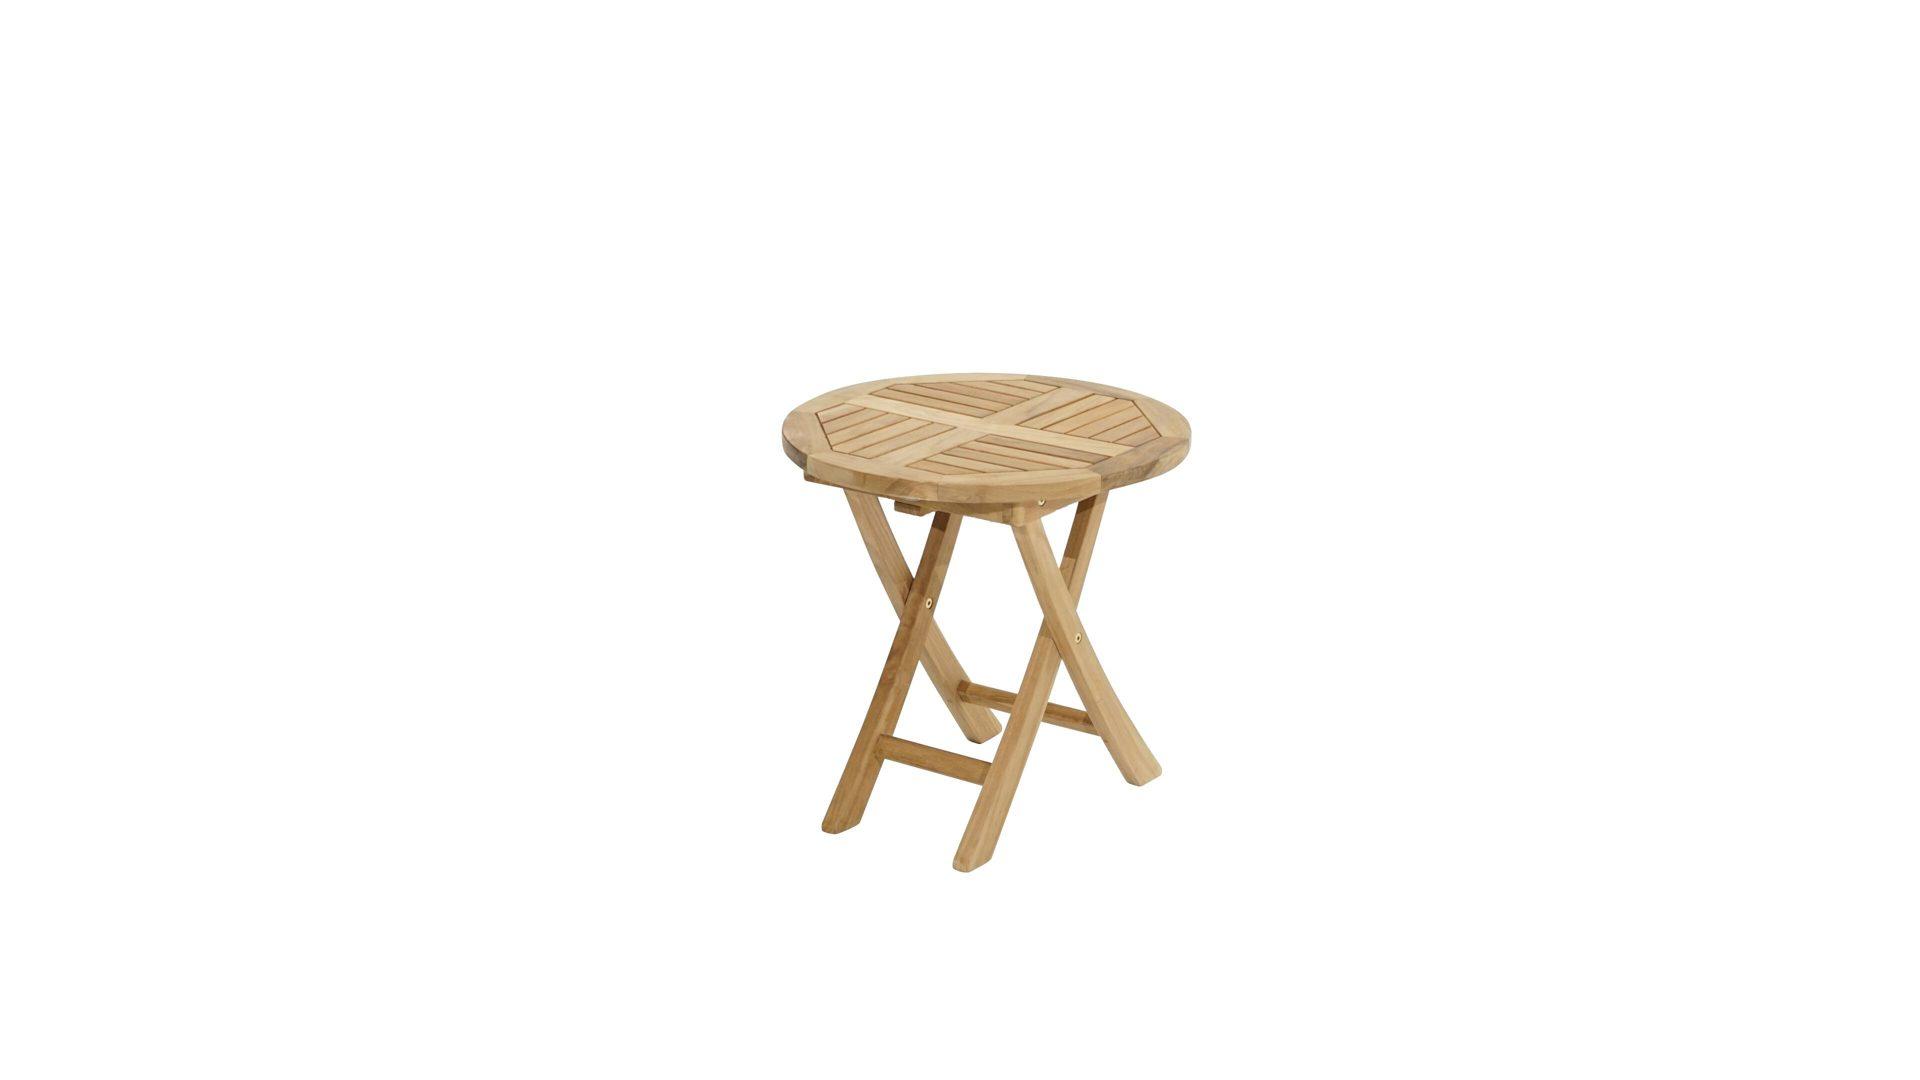 Möbel Bernskötter Mülheim Möbel A Z Tische Beistelltische Ploß